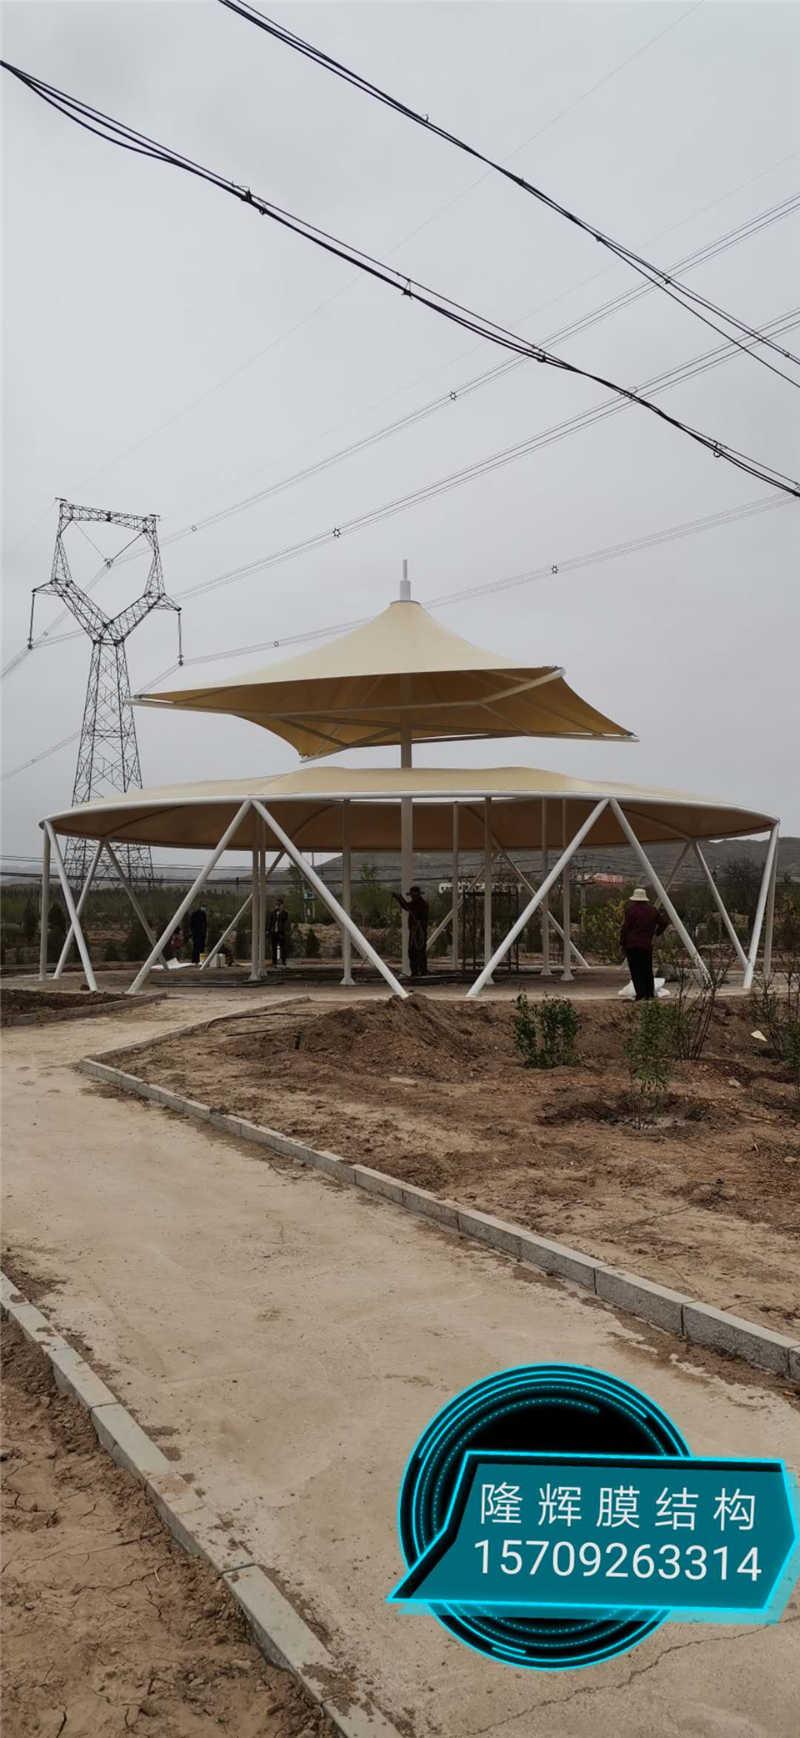 白银市平川区西山公园景观膜结构